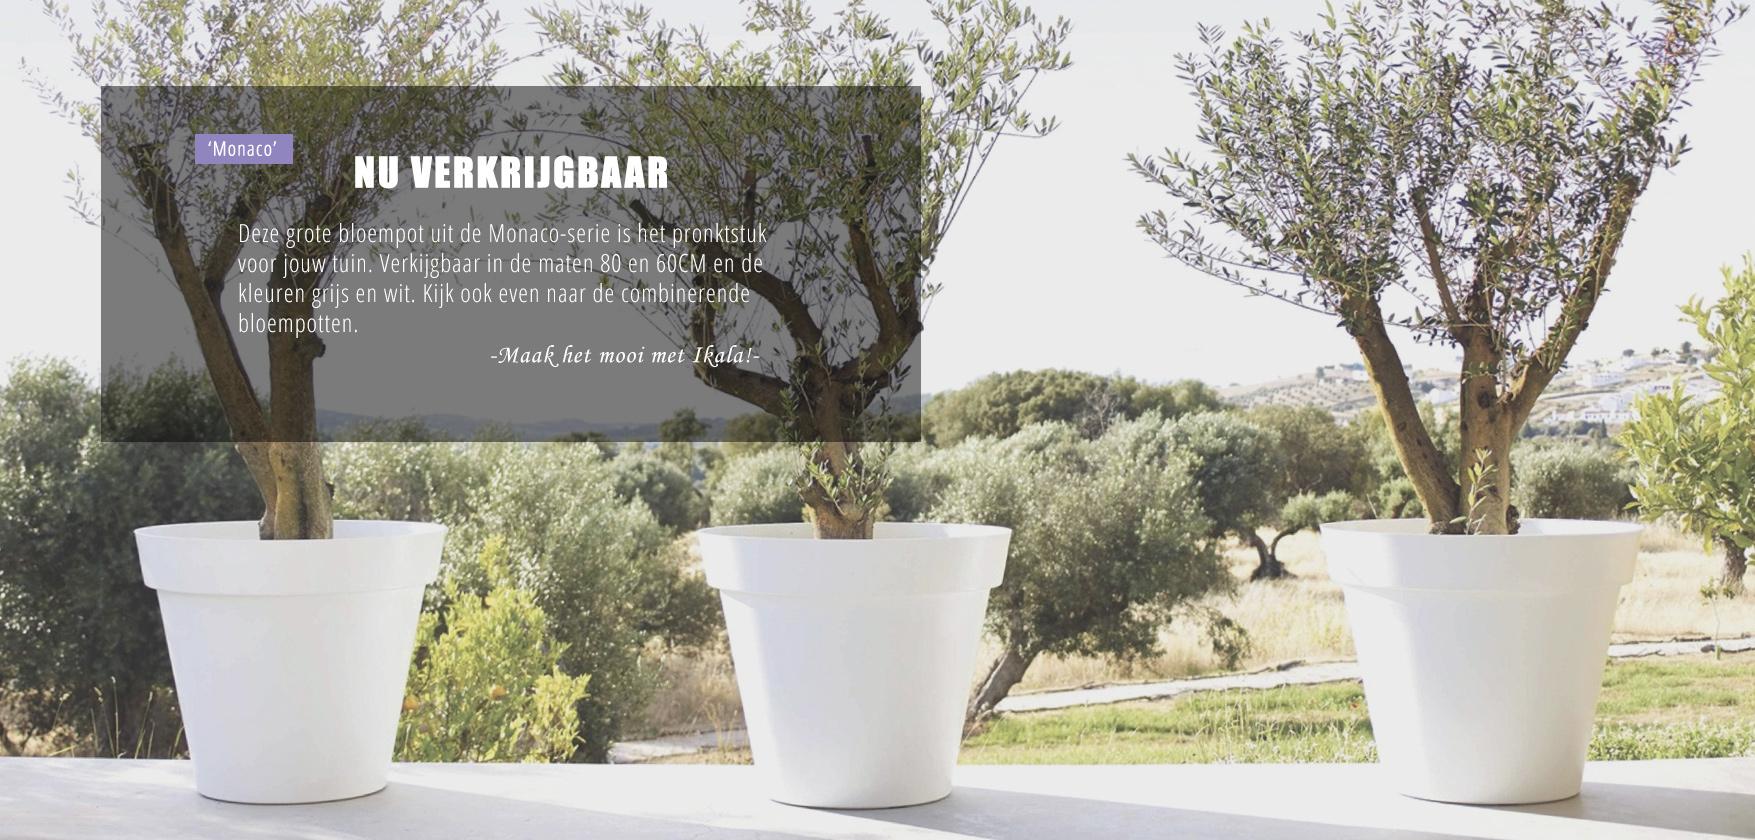 Plantenbakken Voor Buiten Groot.Kunststof Bloempotten Voor Binnen En Buiten Koop Je Bij Ikala Ikala